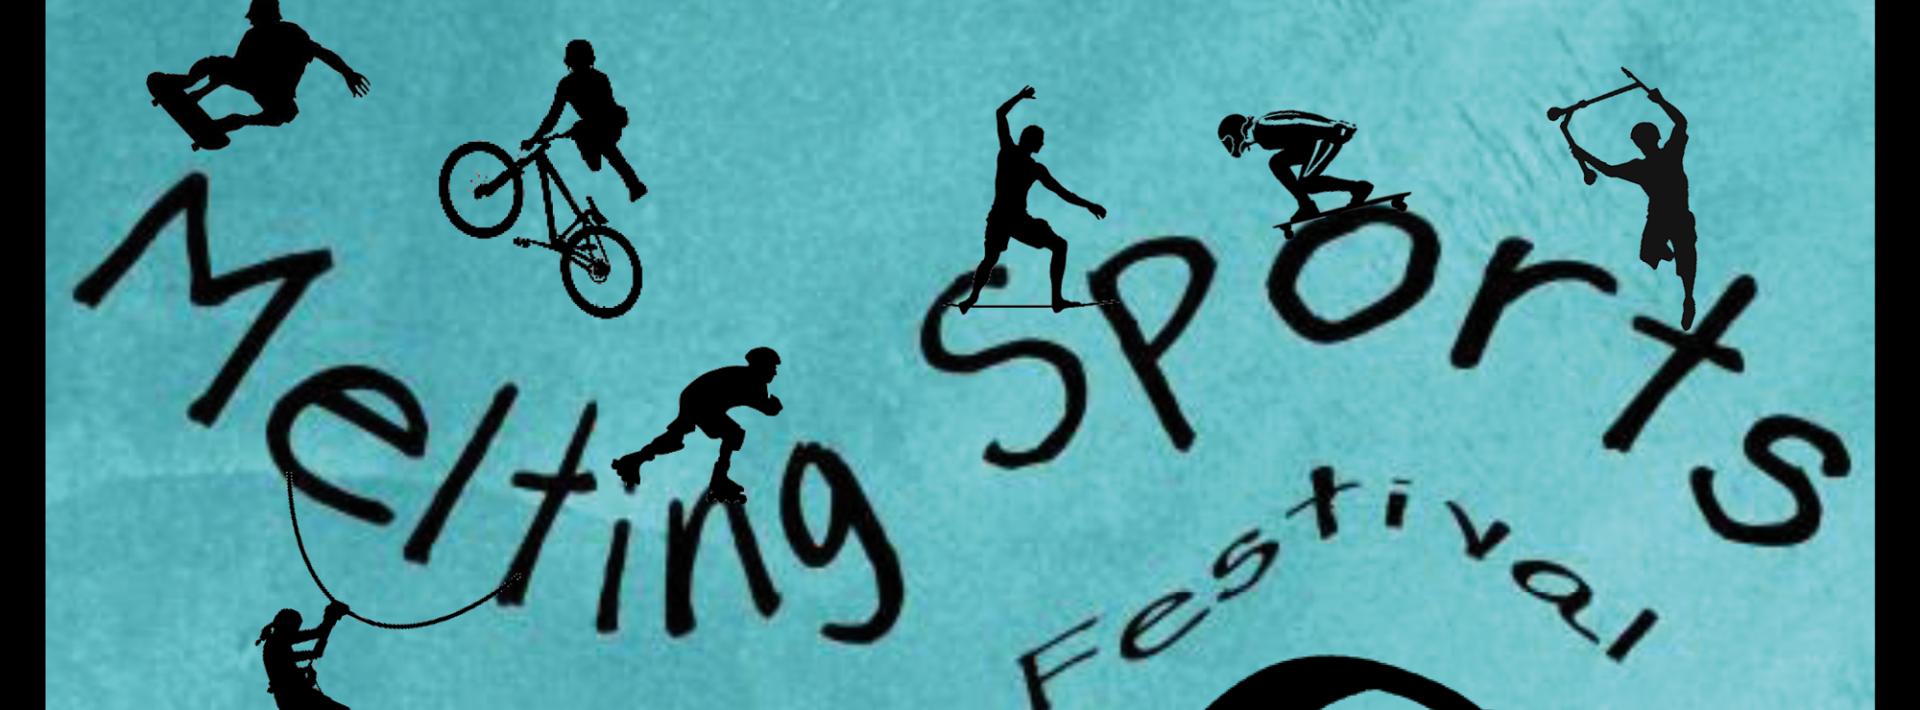 sliderhome-ete-melting-sport-fetsival-1933